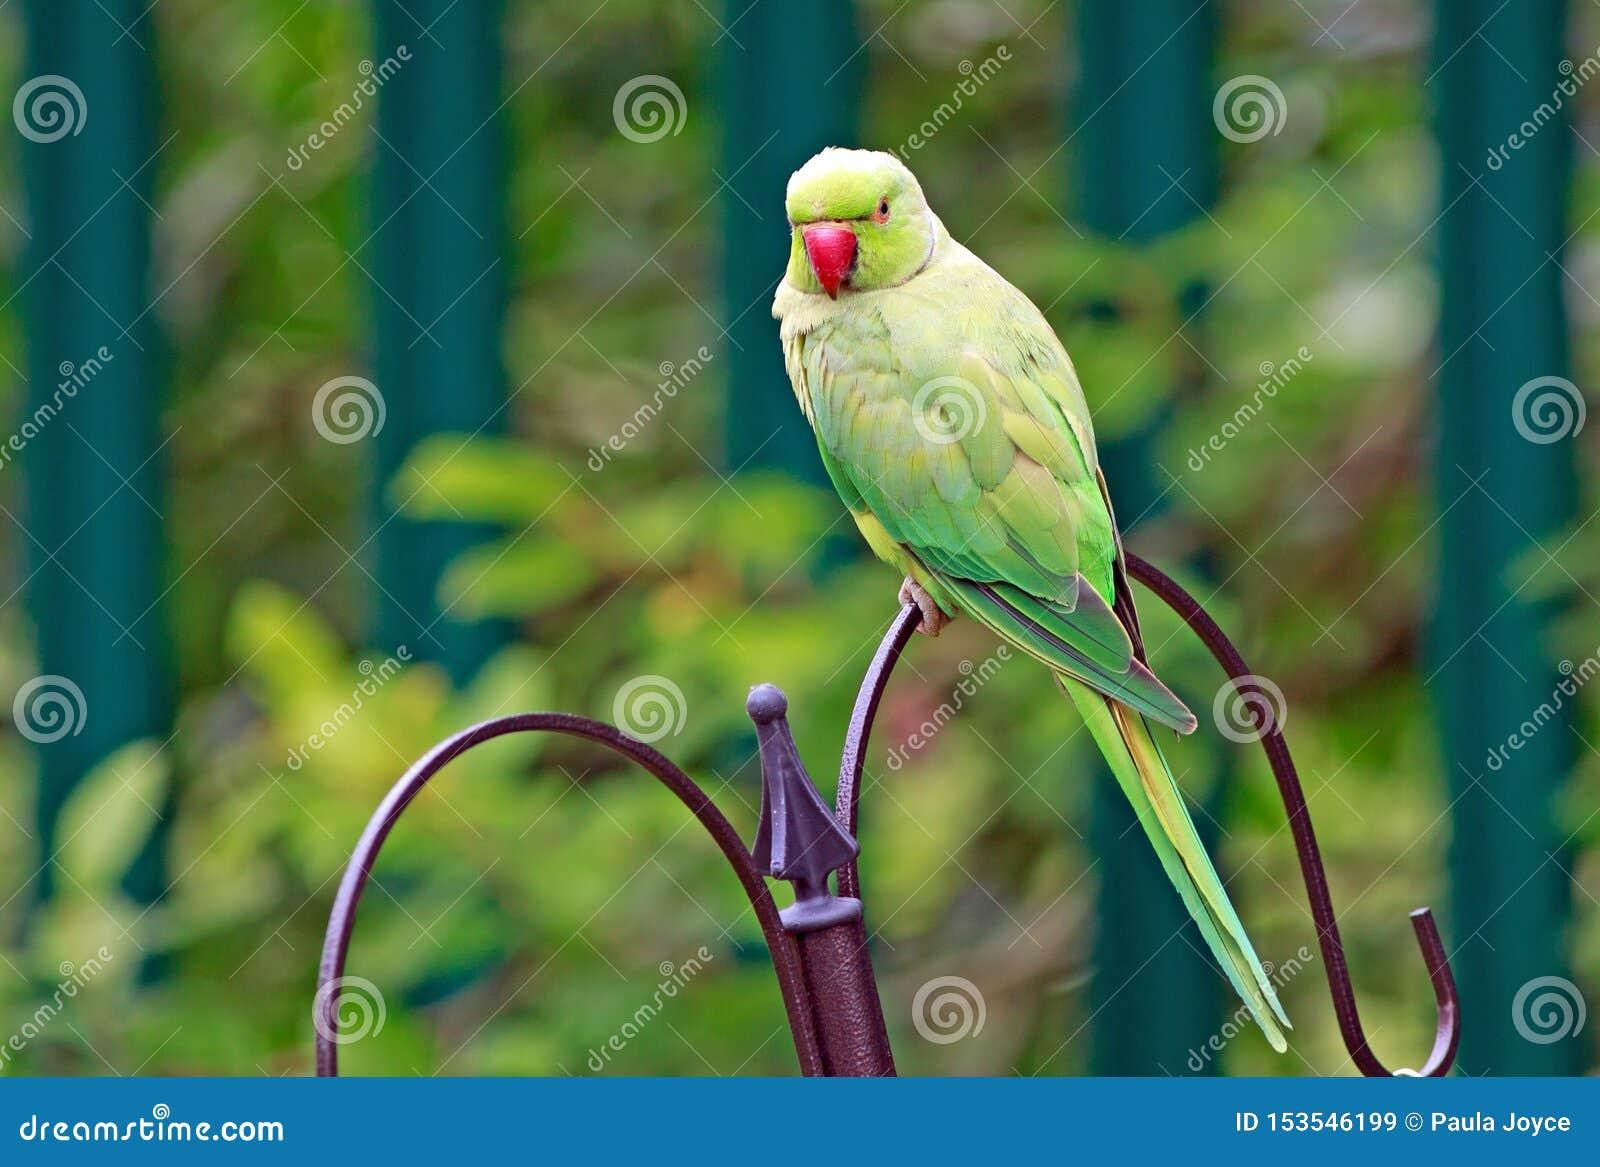 Ring-necked grüner Sittich gehockt auf einer Vogelzufuhr